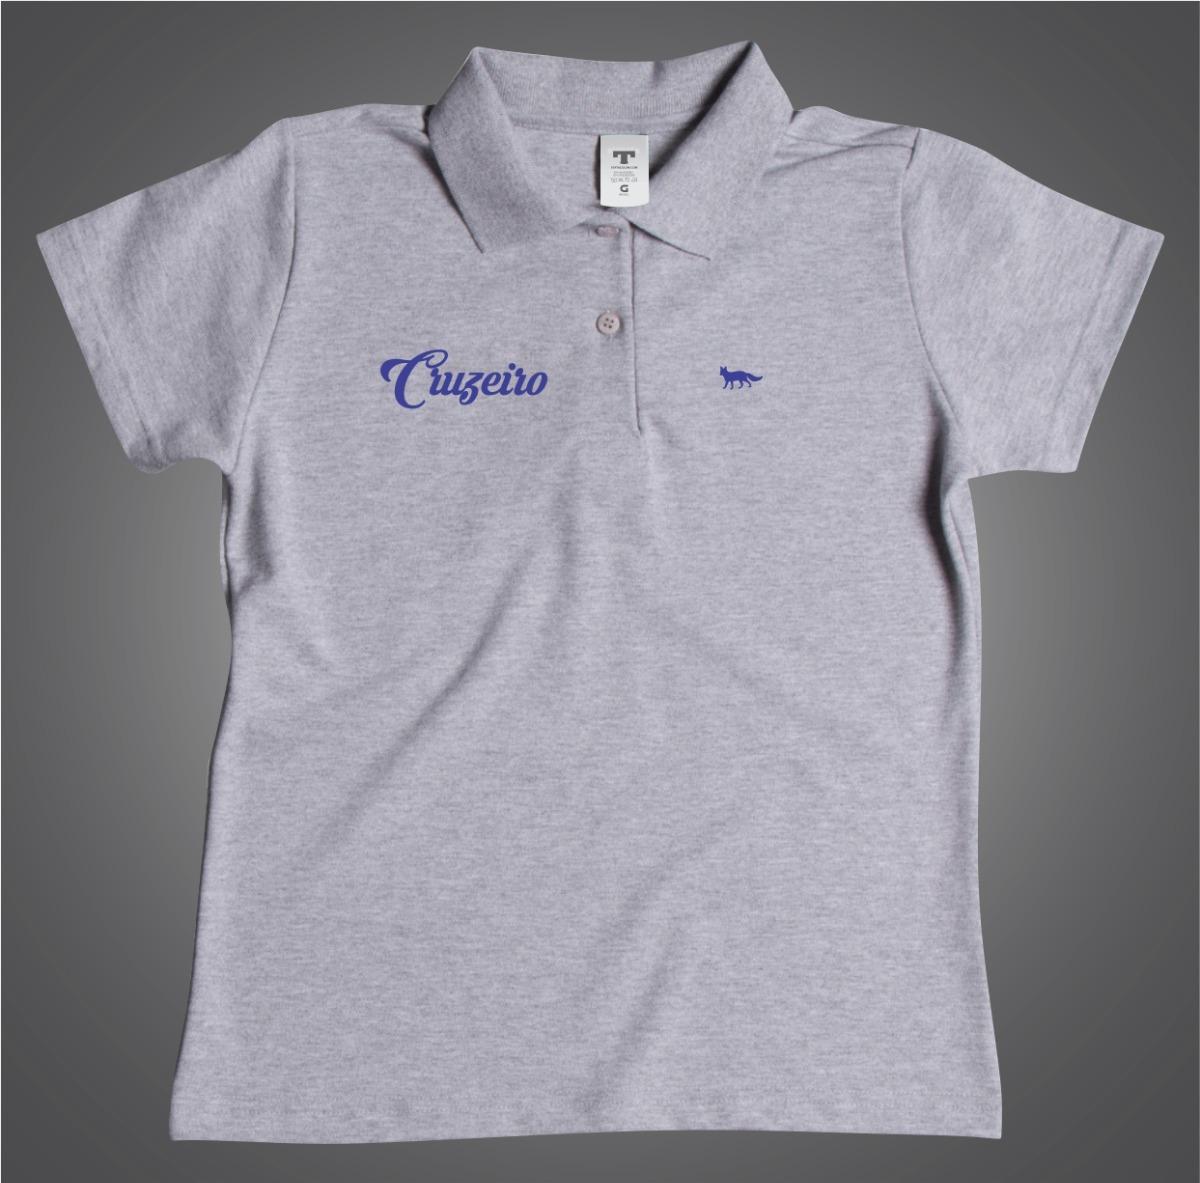 d5b86f8b56 Camisa Feminina Polo Cruzeiro Especial Feminino Azul - R  54